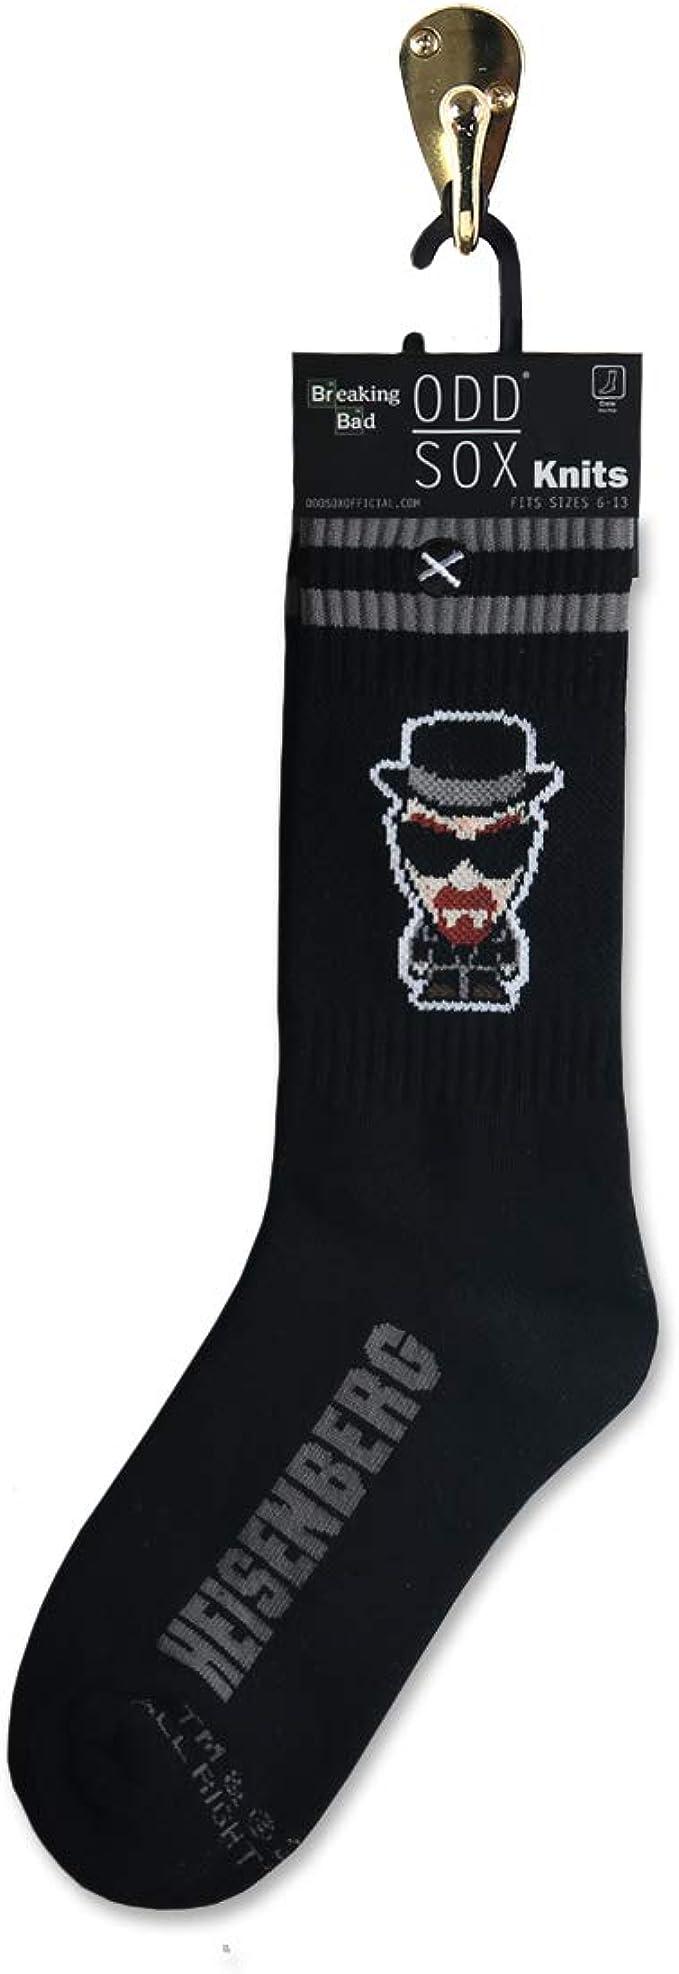 ODD SOX calcetines unisex Breaking Bad Who is Heisenberg